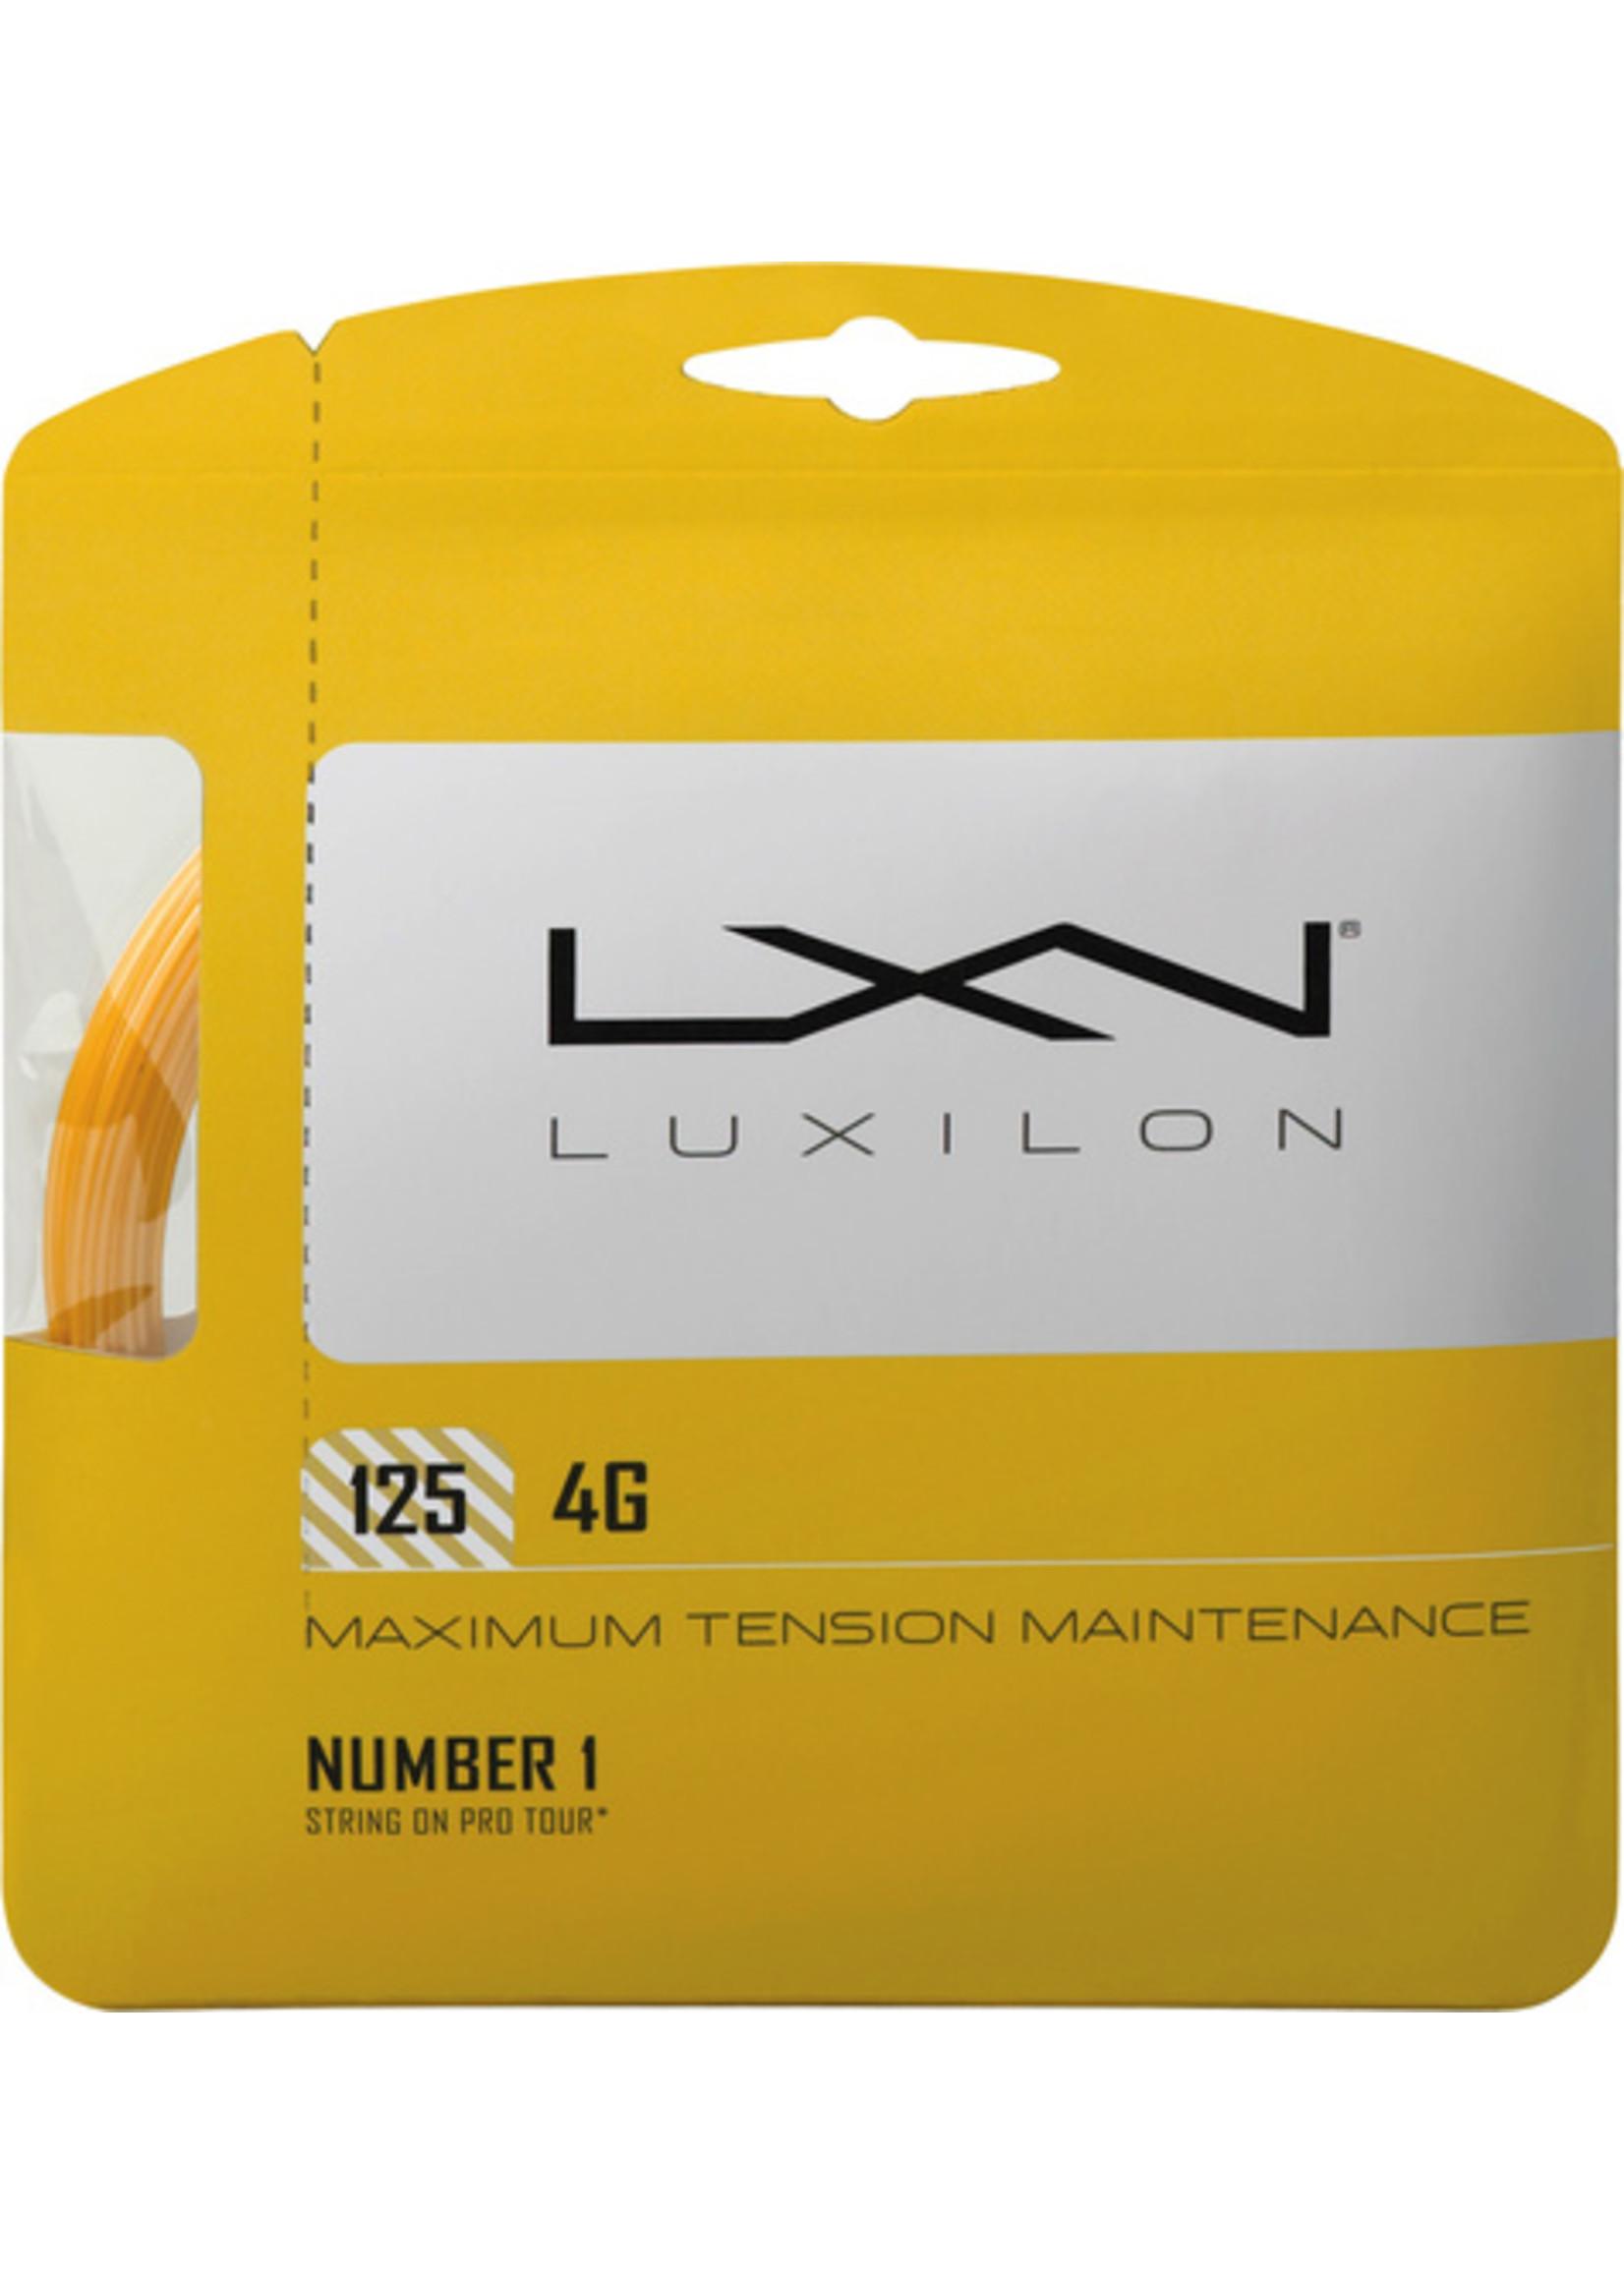 Luxilon Luxilon 4G Rough Restring